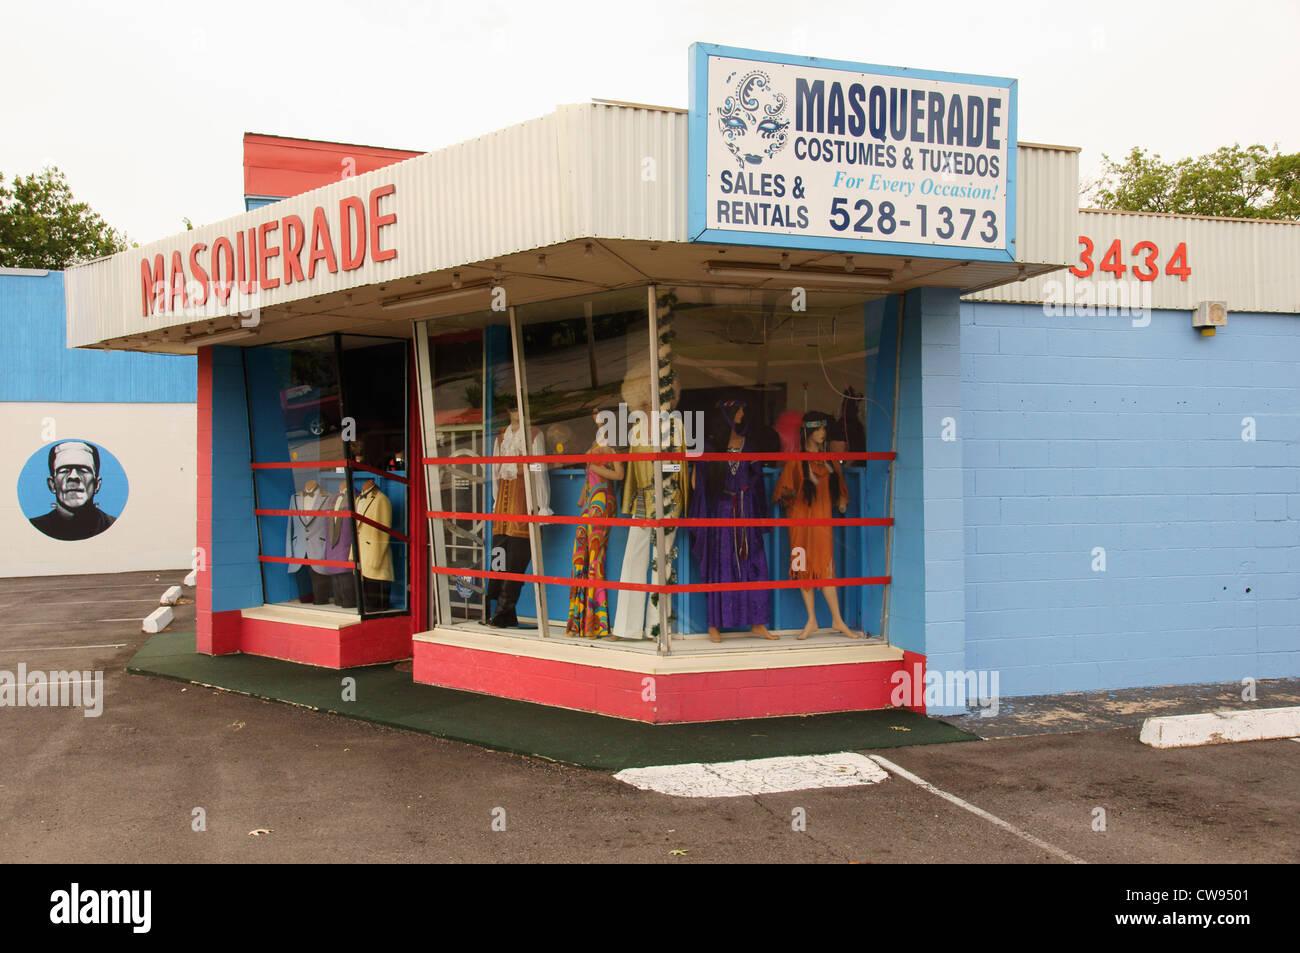 masquerade costume stock photos & masquerade costume stock images